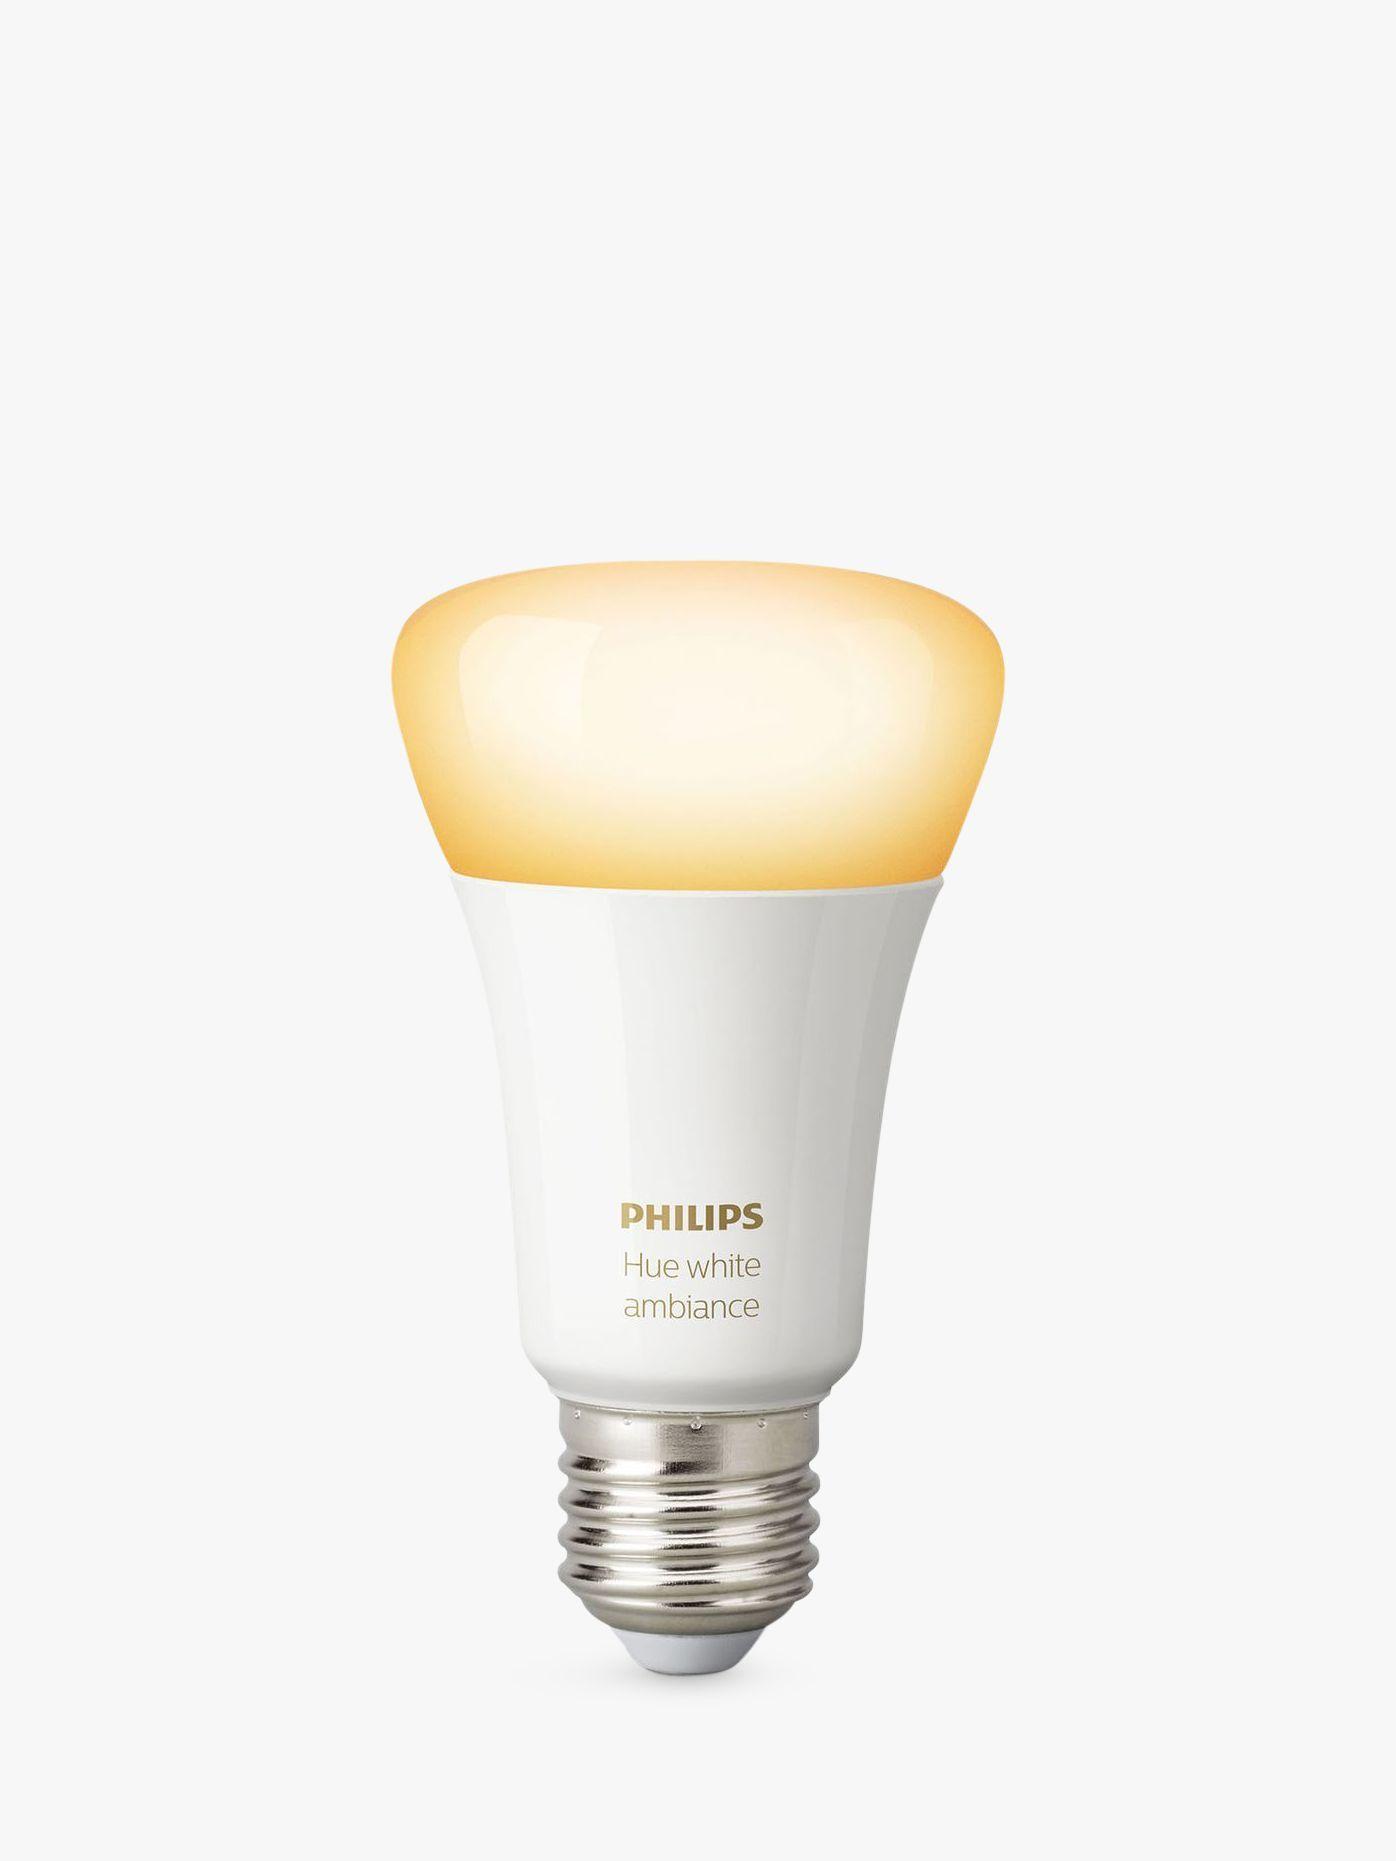 Philips Hue White Ambiance LED-Glühbirne mit drahtloser Beleuchtung, 9,5 W A60 E27 Edison-Schraubbirne, einzeln#a60 #ambiance #beleuchtung #drahtloser #e27 #edisonschraubbirne #einzeln #hue #ledglühbirne #mit #philips #white